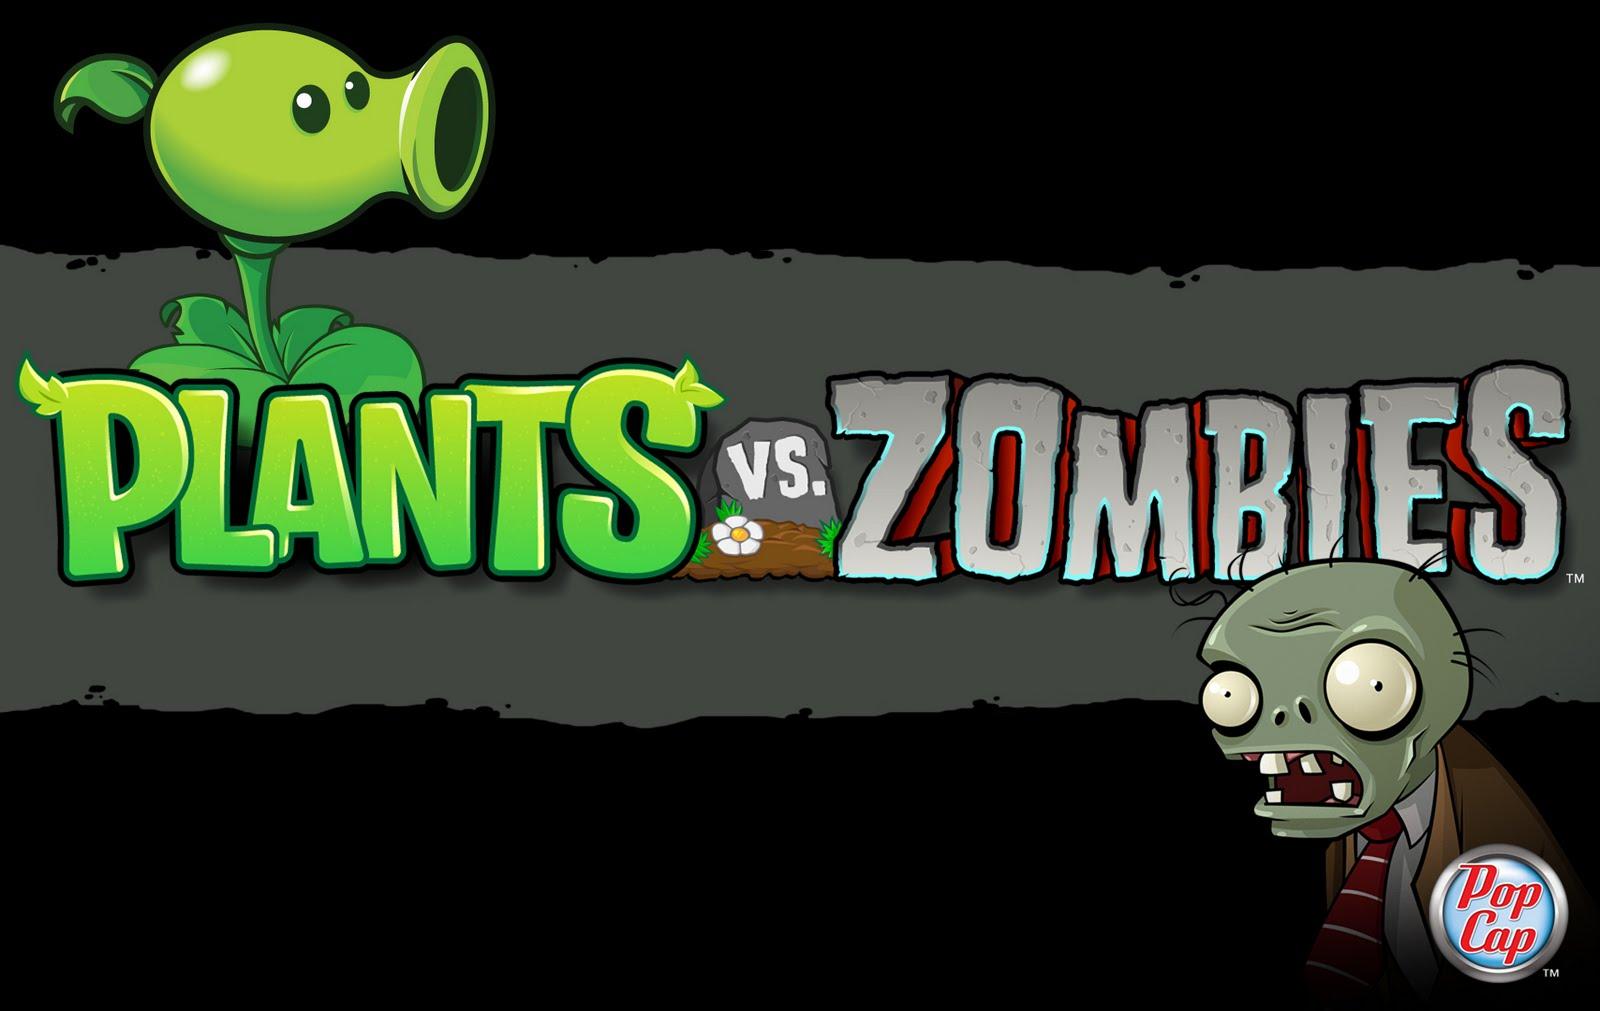 http://4.bp.blogspot.com/-4-HQONy_iAQ/TZ9nLr_ZRDI/AAAAAAAAAFs/1wq8ia29wmk/s1600/1257476119_1900x1200_plants-vs-zombies-widescreen-wallpaper.jpg